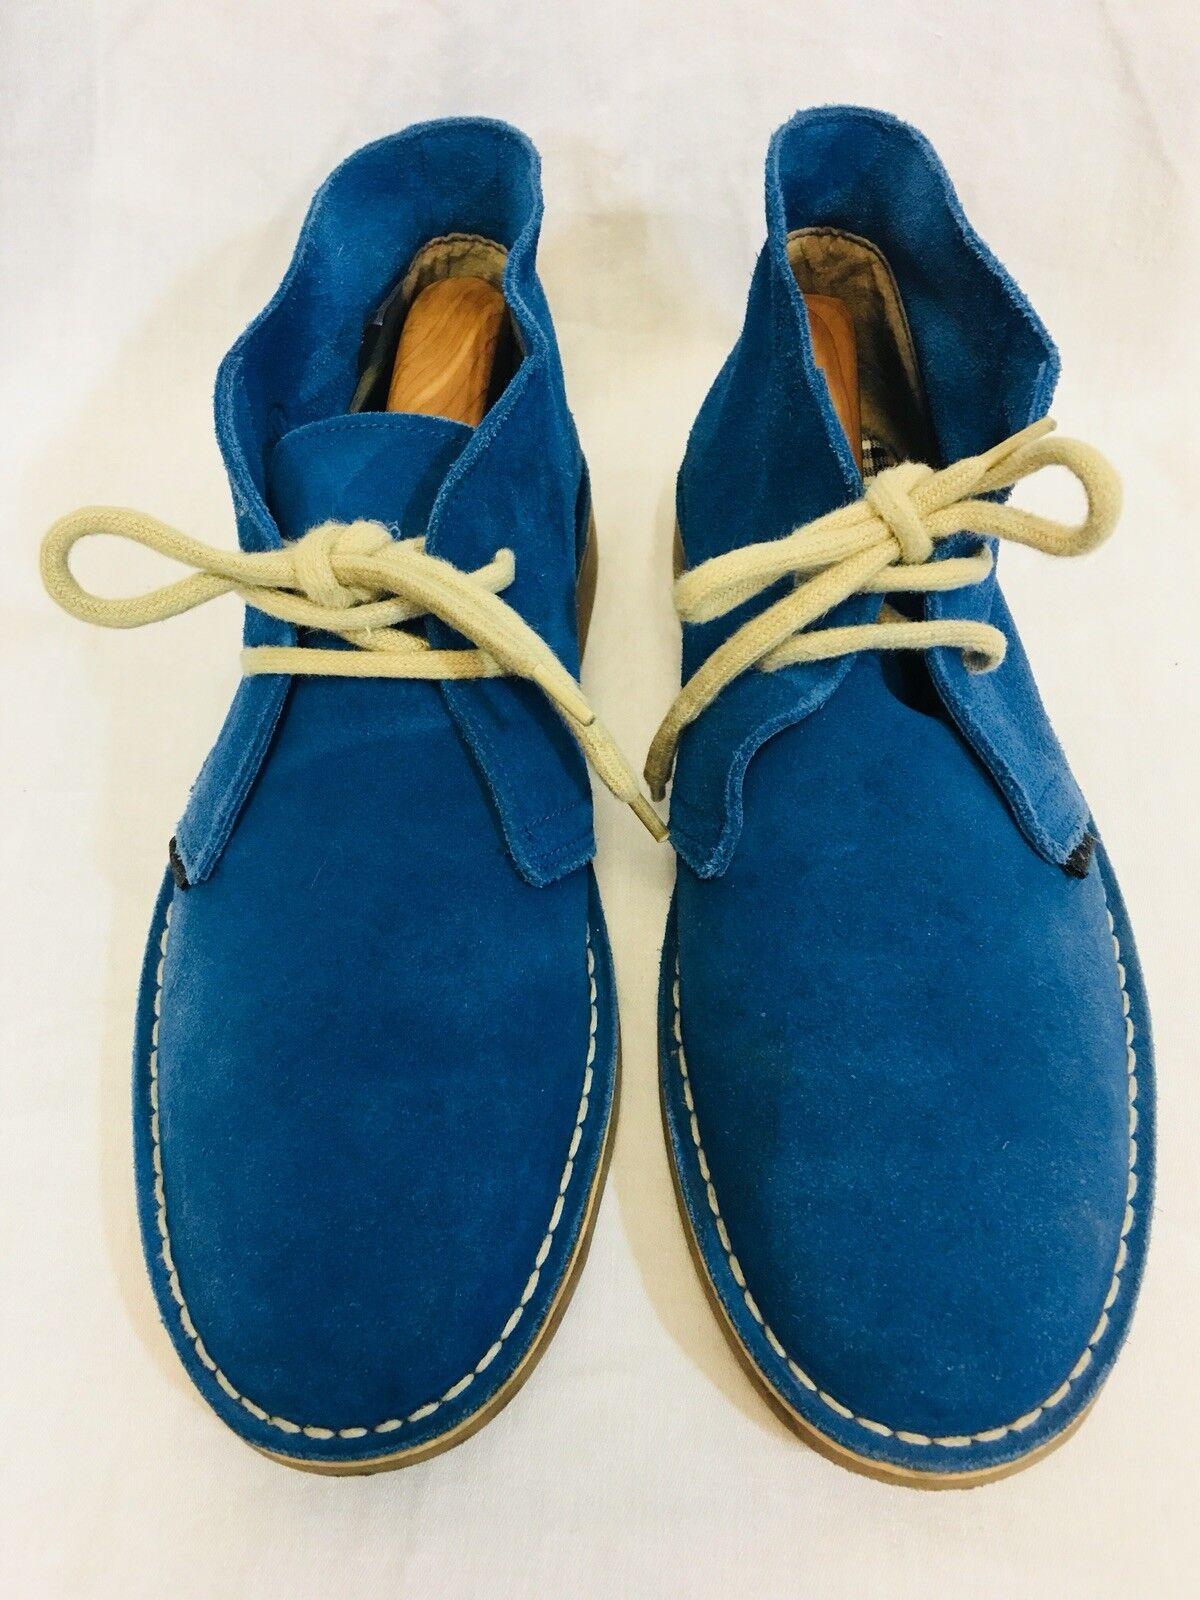 Ben Sherman Suede Desert Chukka Boots bluee Mens 41 9-1 2